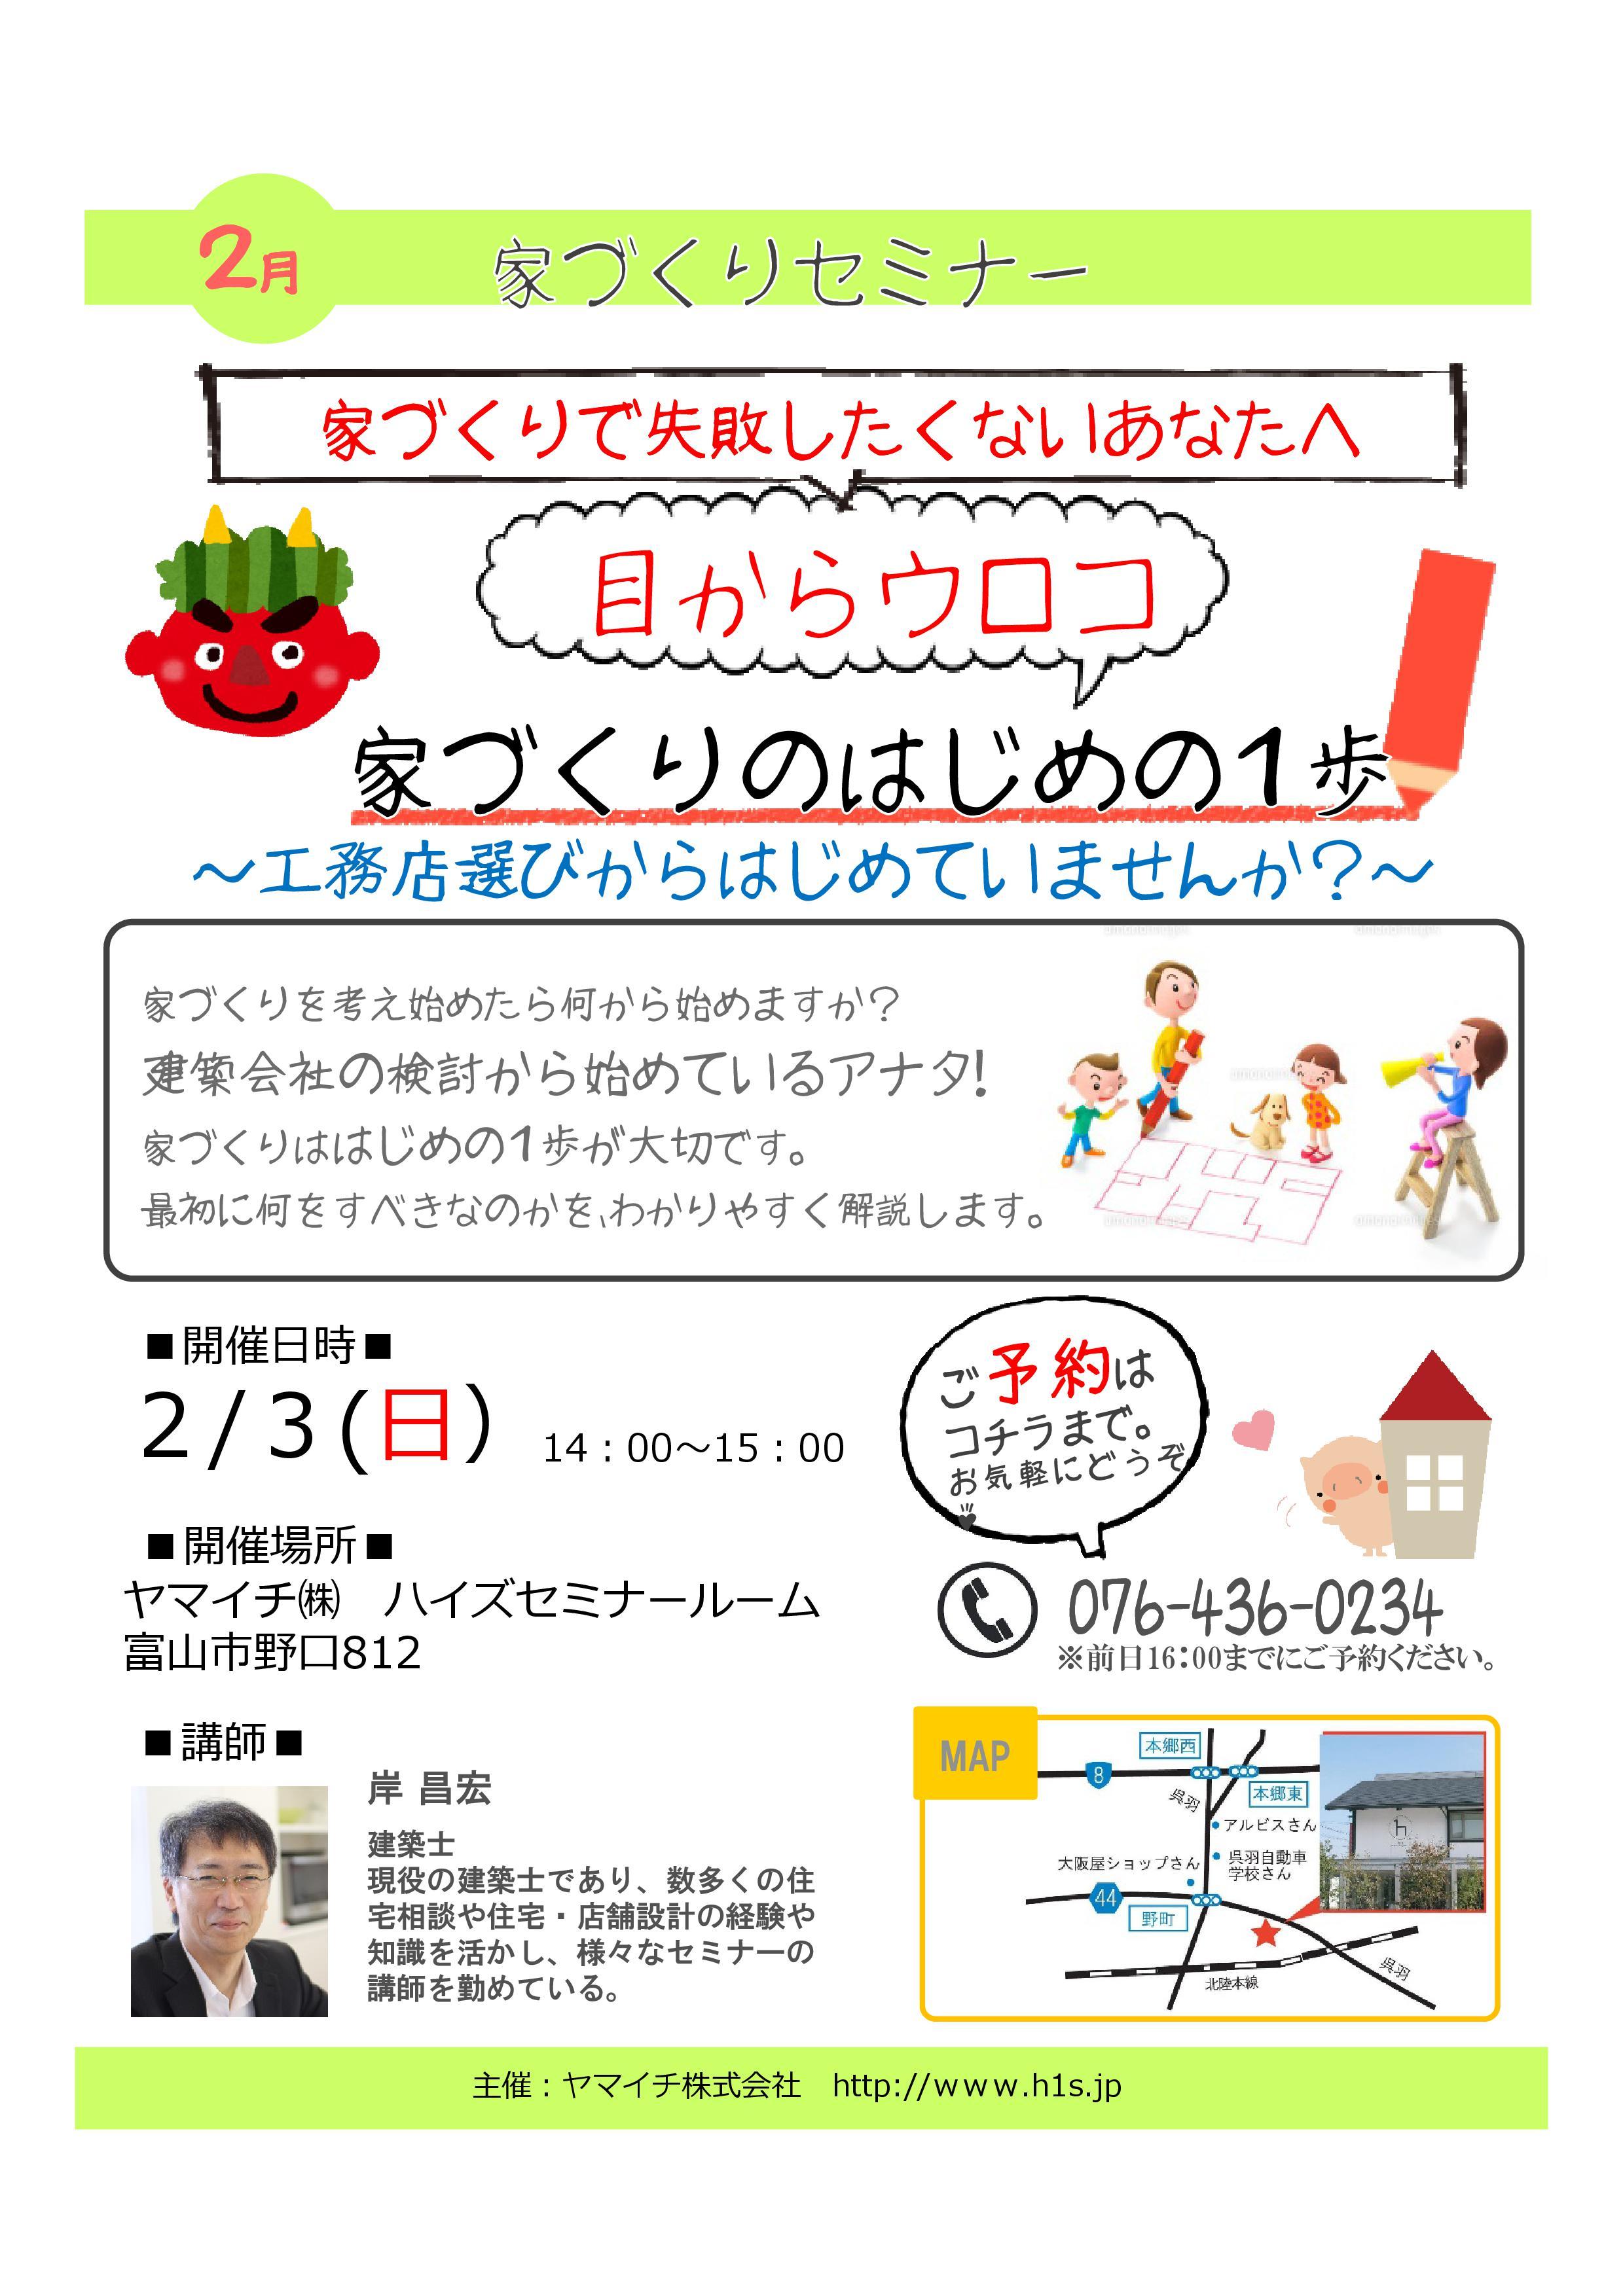 【セミナー】2/3(日)「家づくりのはじめの一歩」